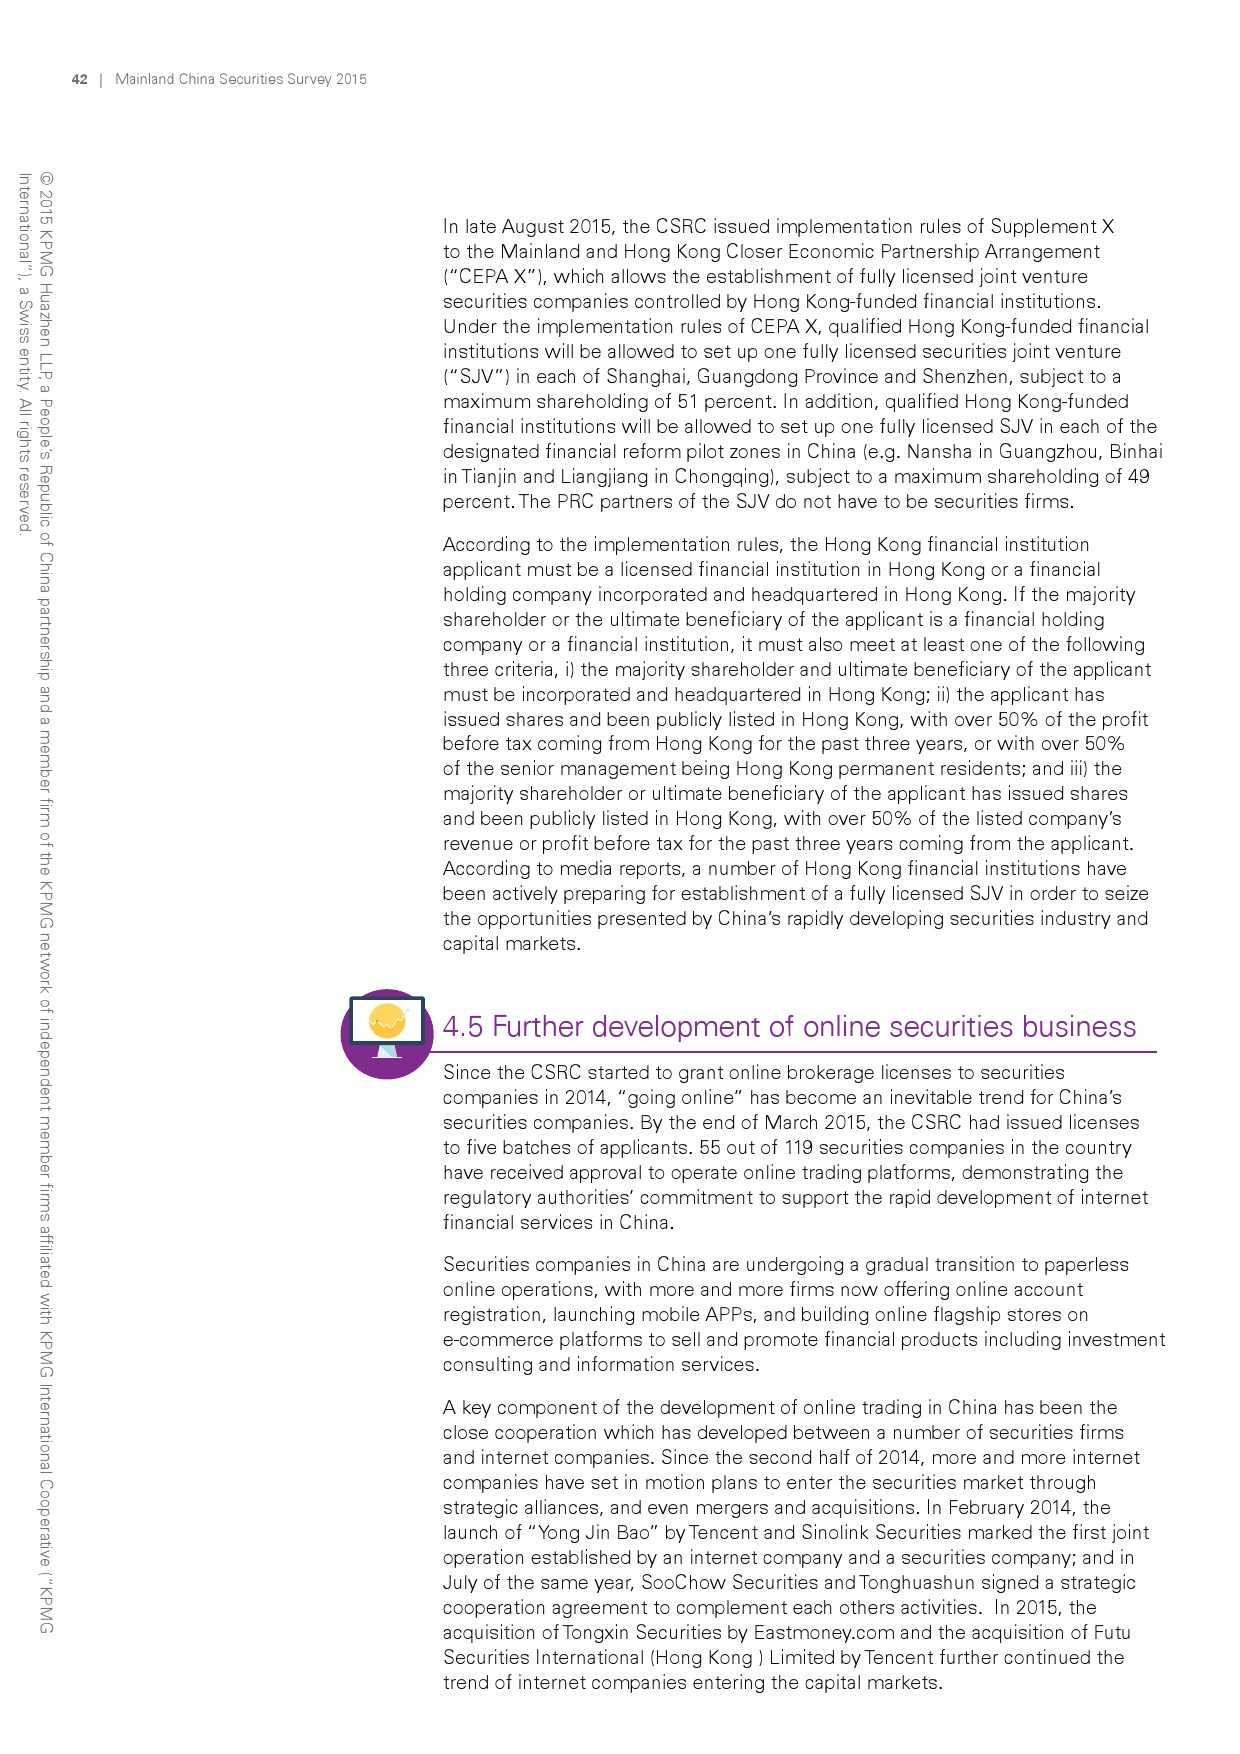 毕马威:2015年中国证券业调查报告_000044